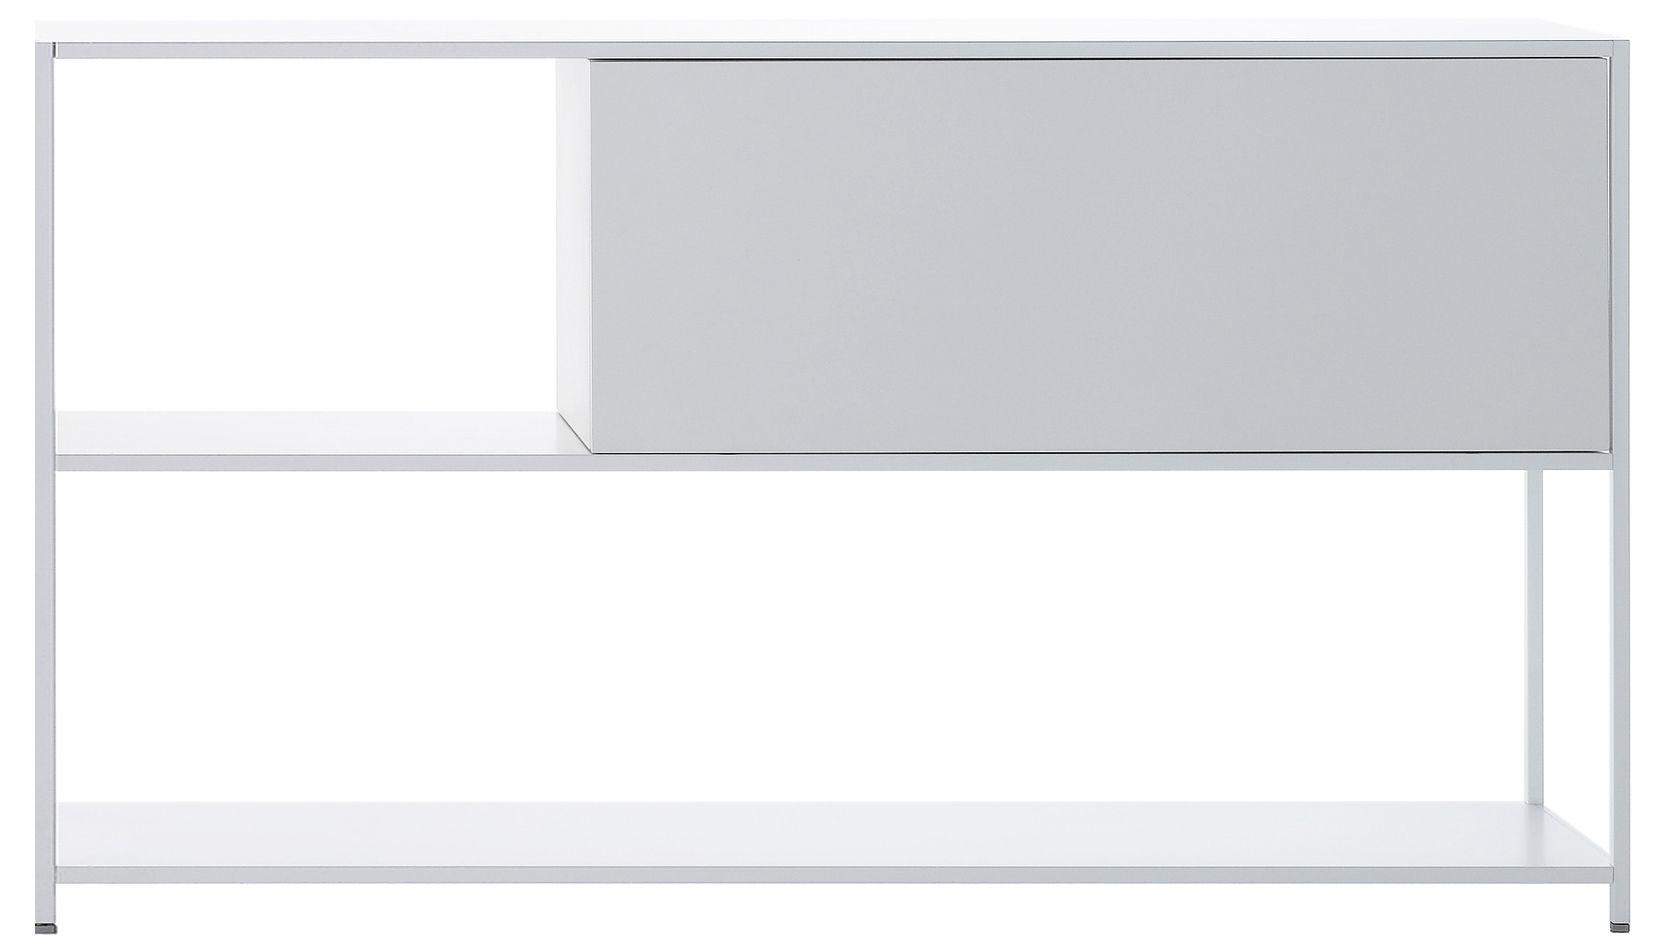 Mobilier - Etagères & bibliothèques - Caisson Minima / Porte relevable - L 60 cm - MDF Italia - Blanc / Porte relevable - Fibre de bois